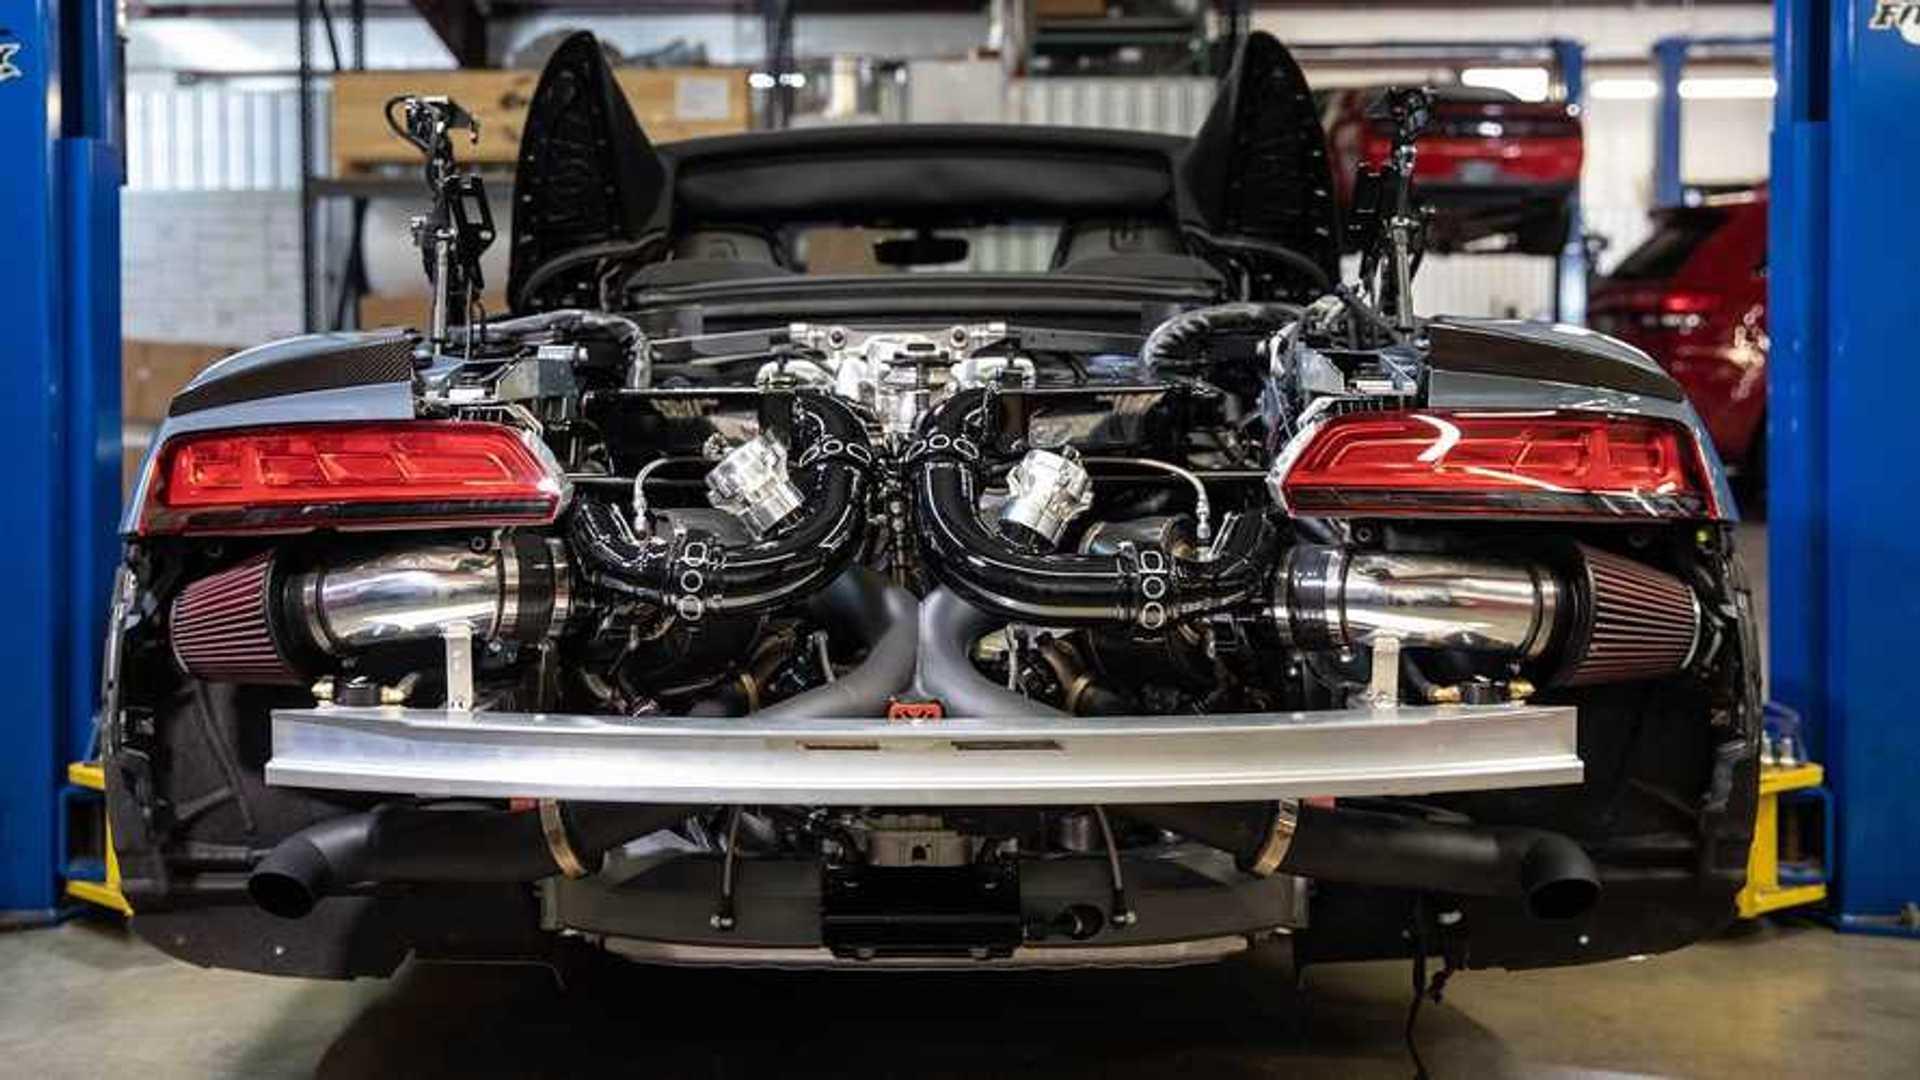 Kelebihan Kekurangan Audi V8 Turbo Perbandingan Harga